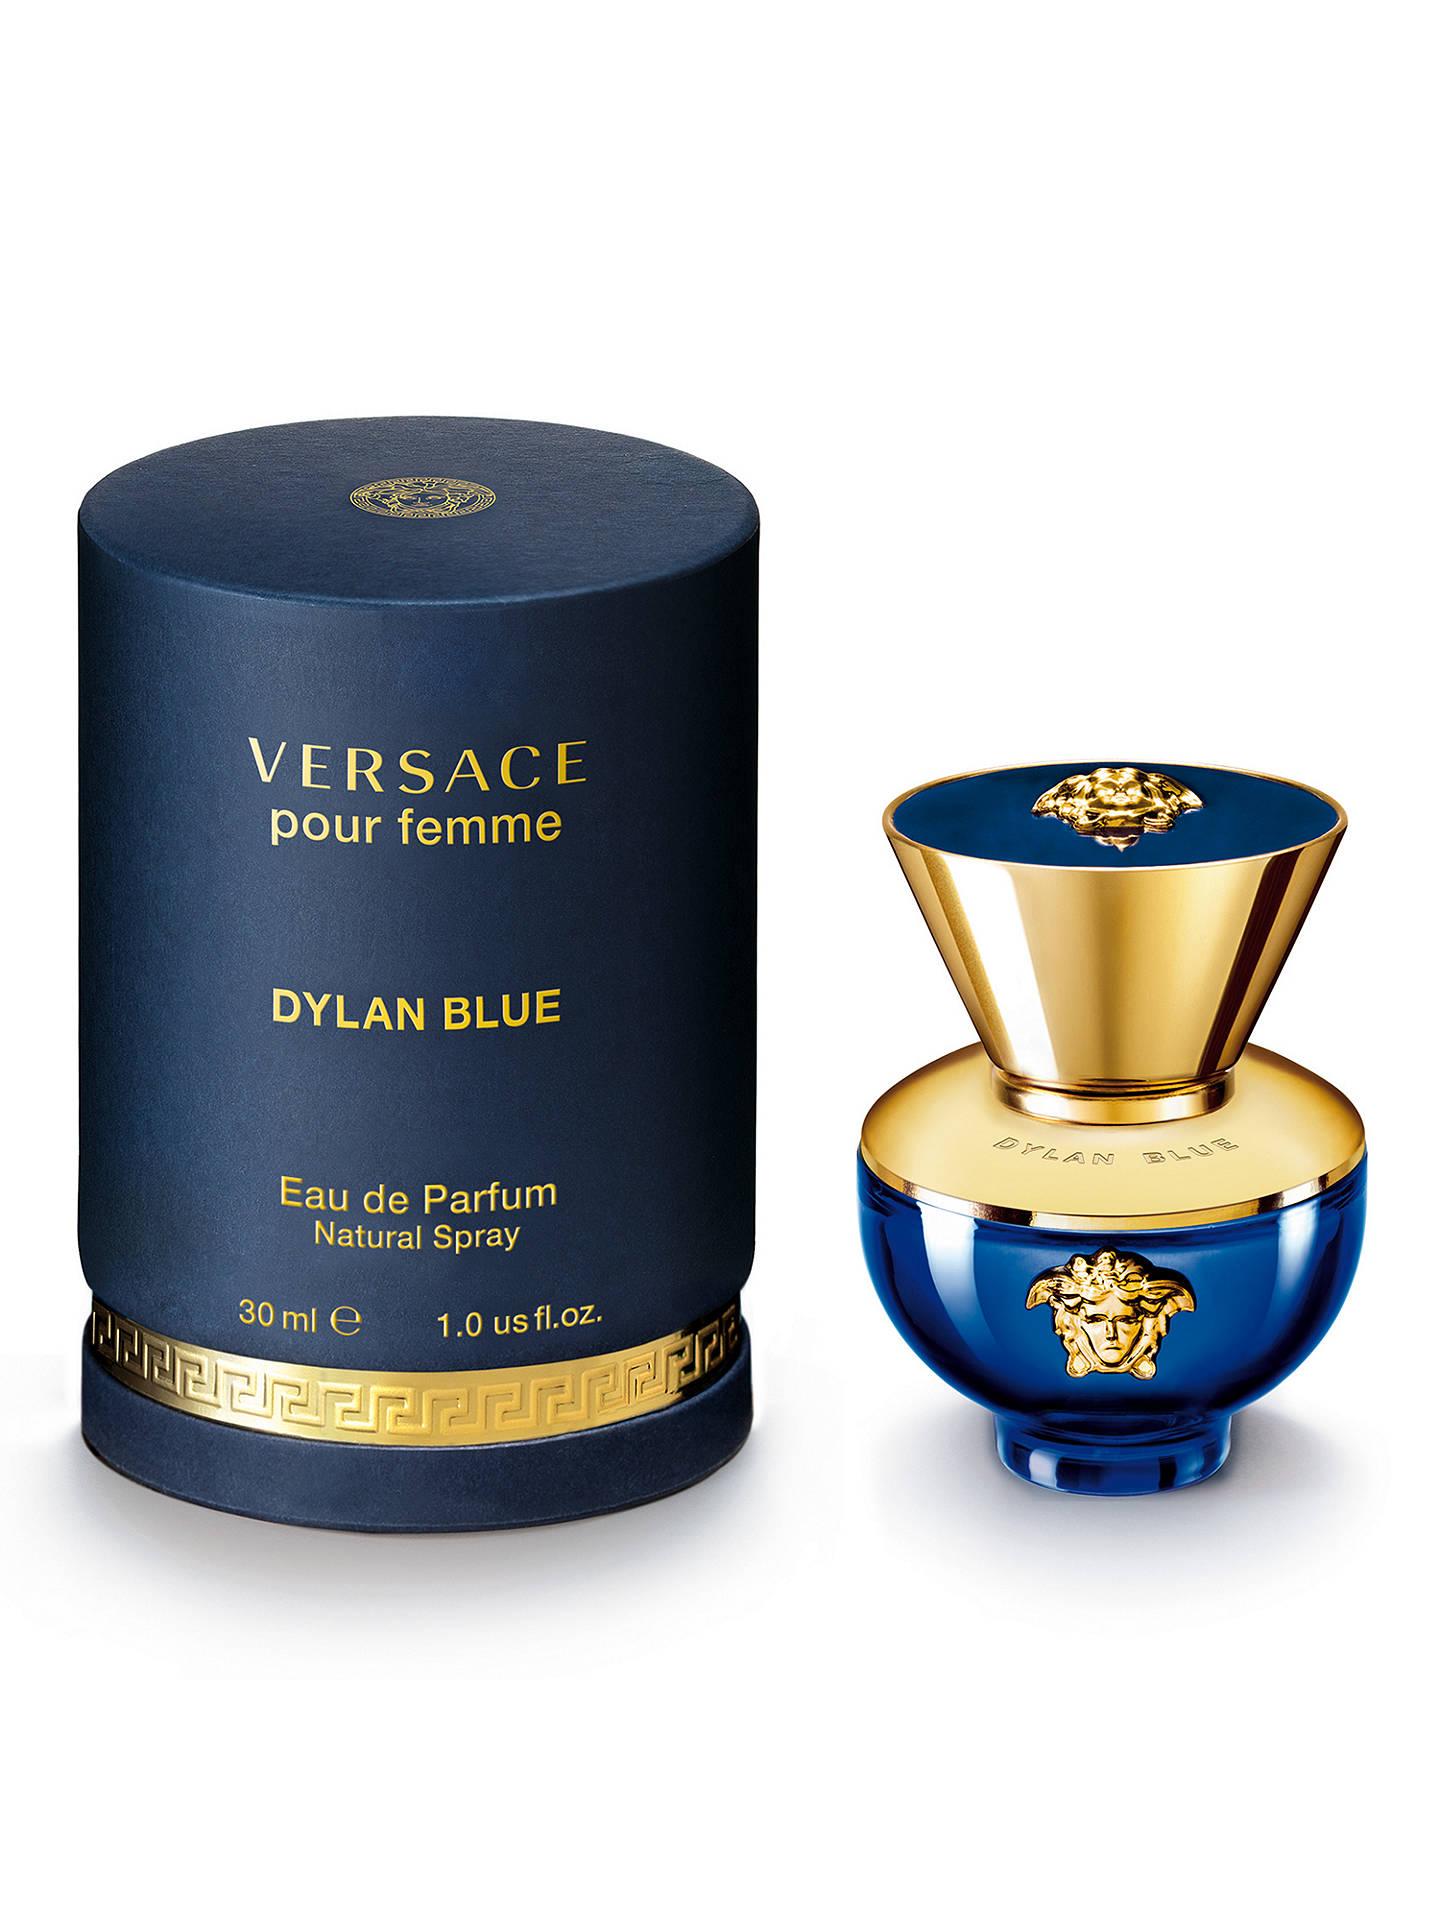 5112e711f322 ... BuyVersace Dylan Blue Pour Femme Eau de Parfum, 30ml Online at  johnlewis.com ...